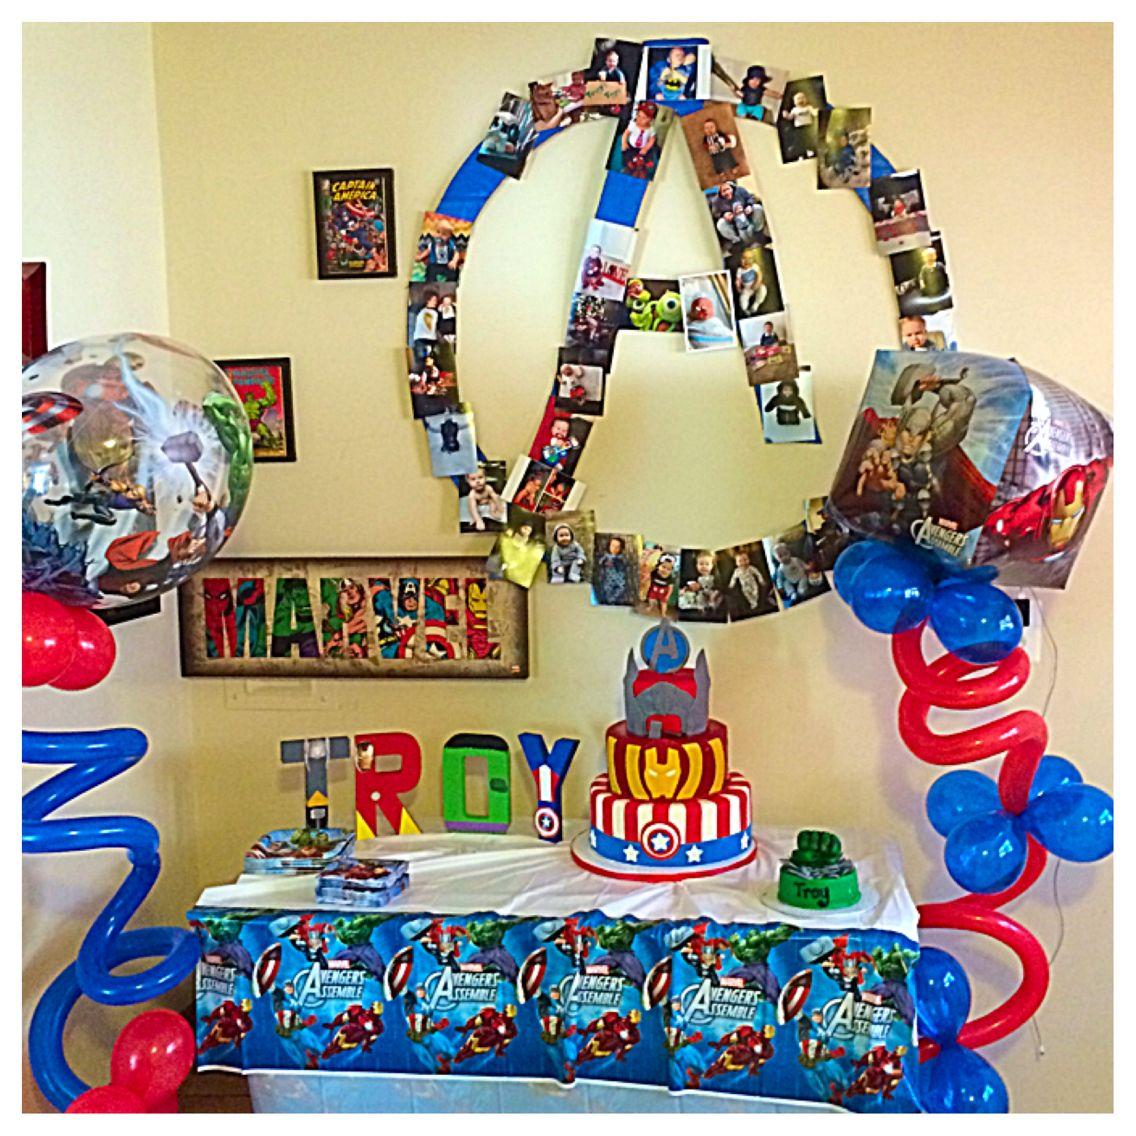 avenger themed birthday cake table set up